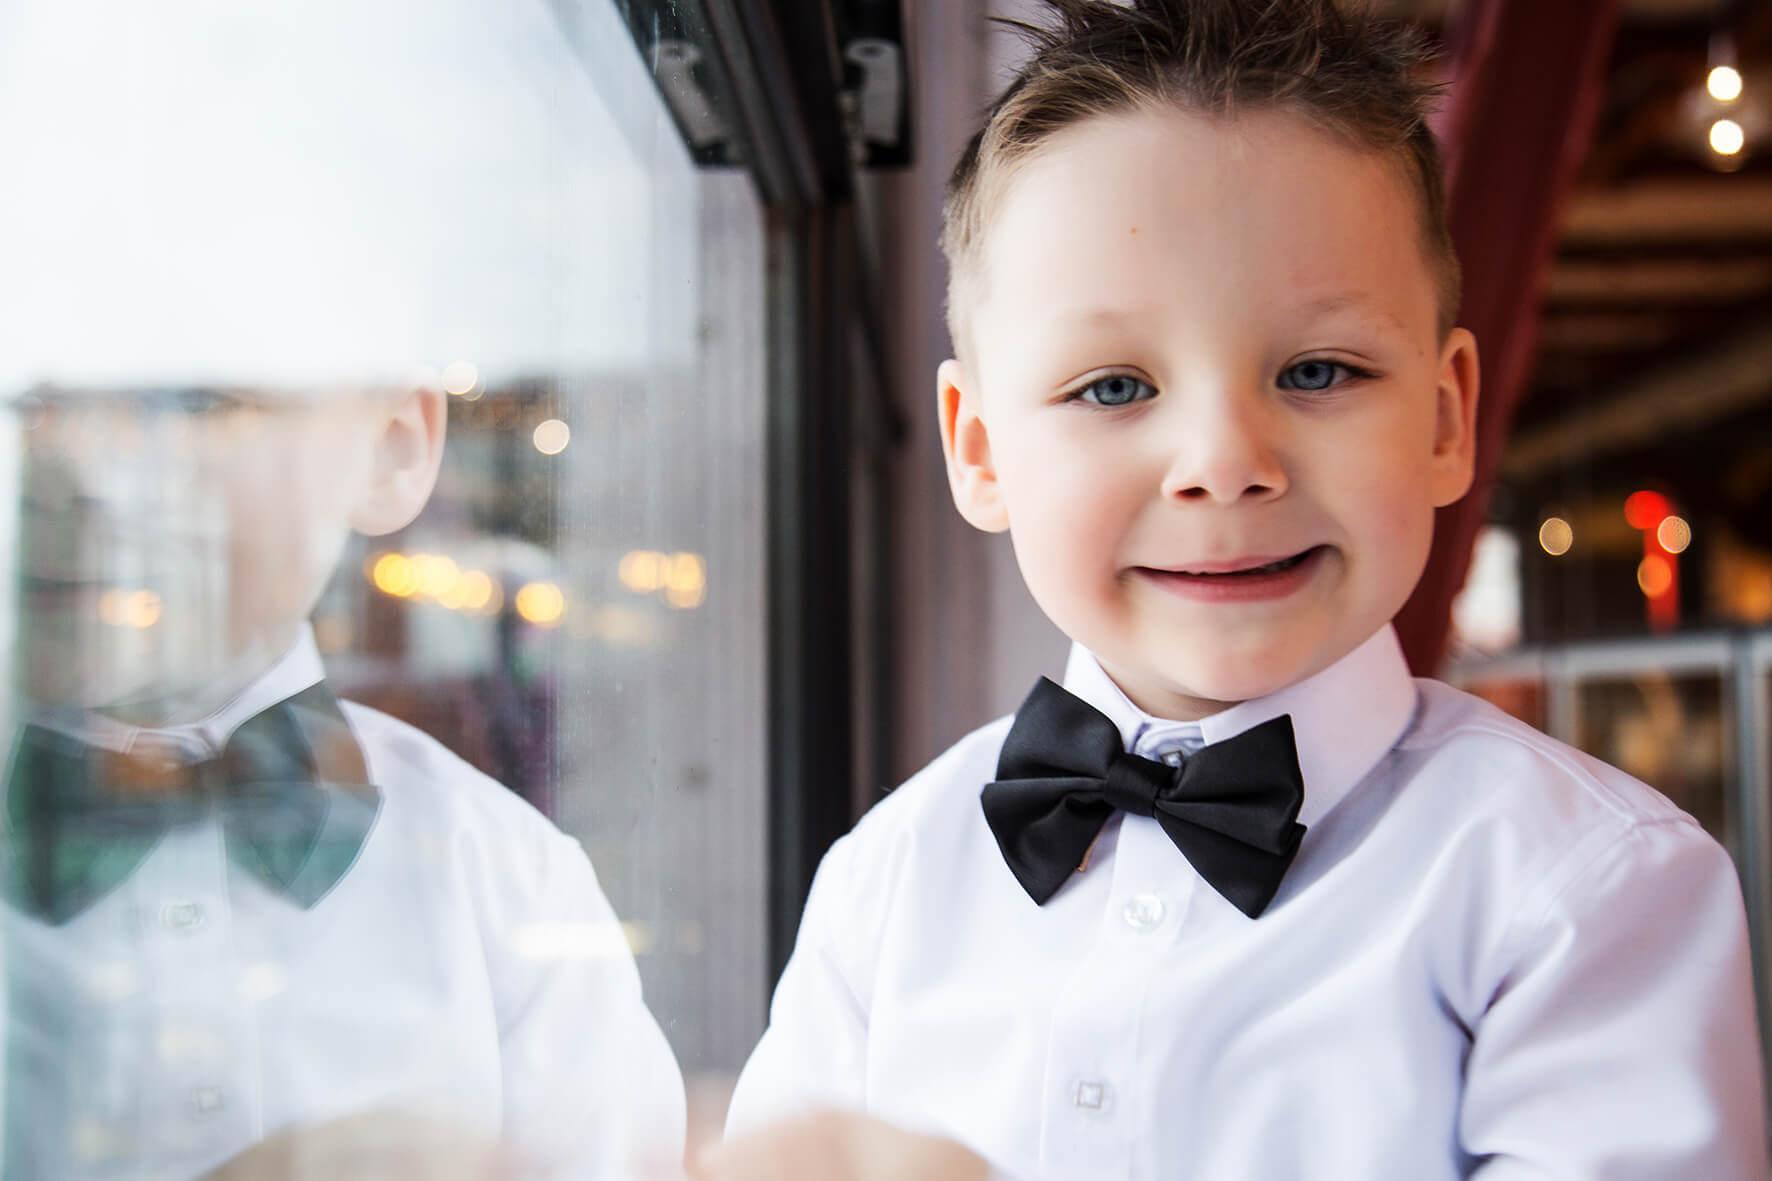 фотограф Киев на детский день рождения фотосессия ребенка идеи для детской фотосессии